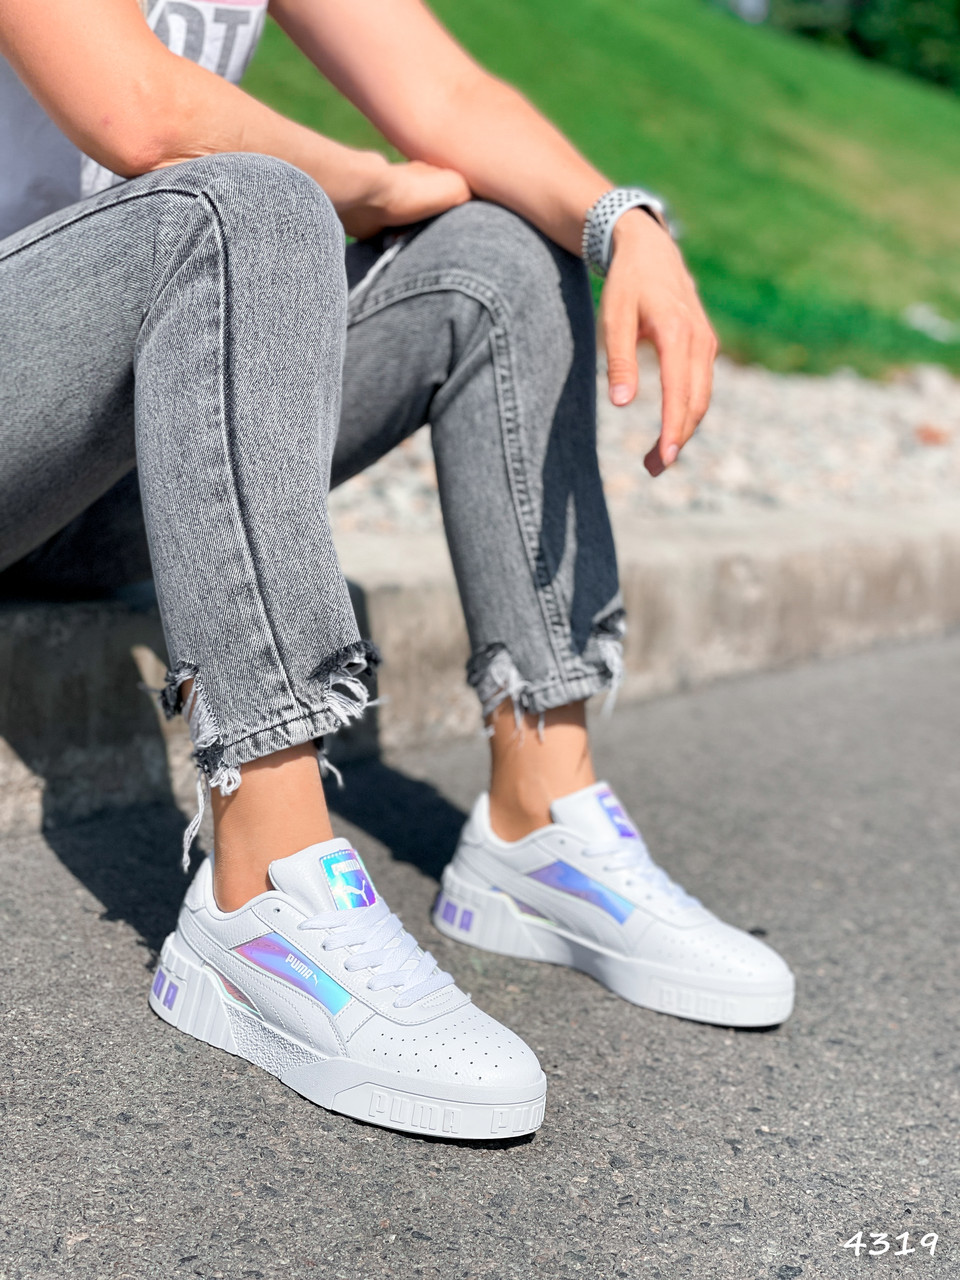 Кроссовки женские в стиле Puma белые + голография 4319